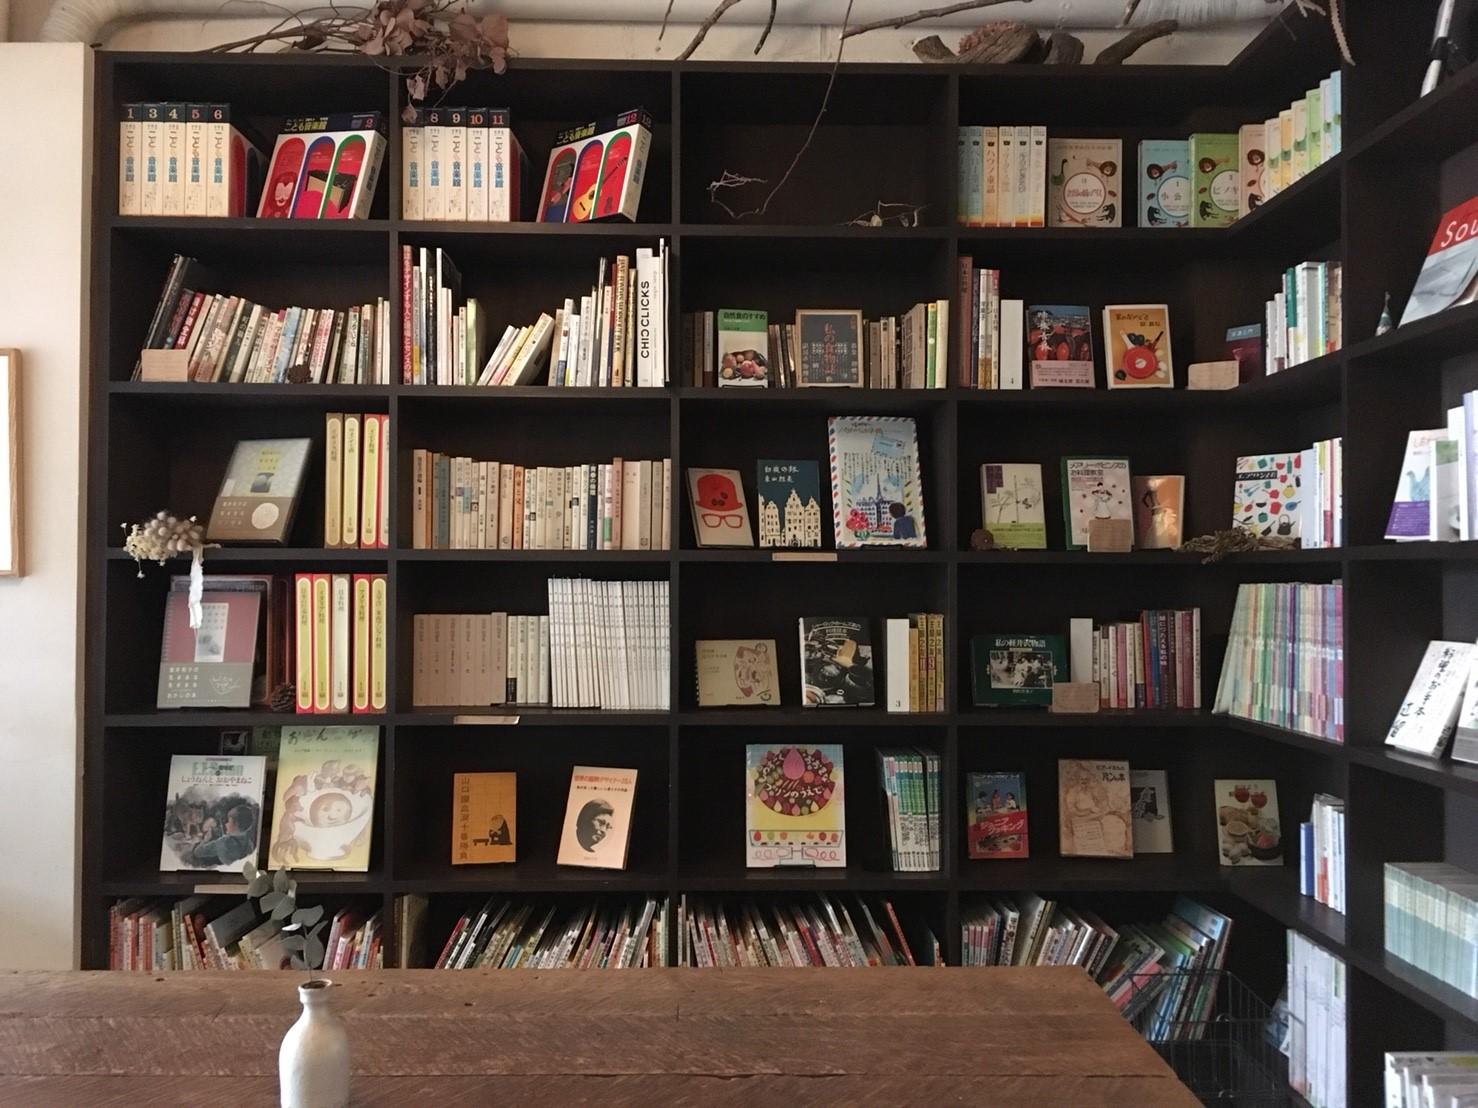 この本棚にある本は、どれも自由に読んでOK。気に入ったら購入もできます。